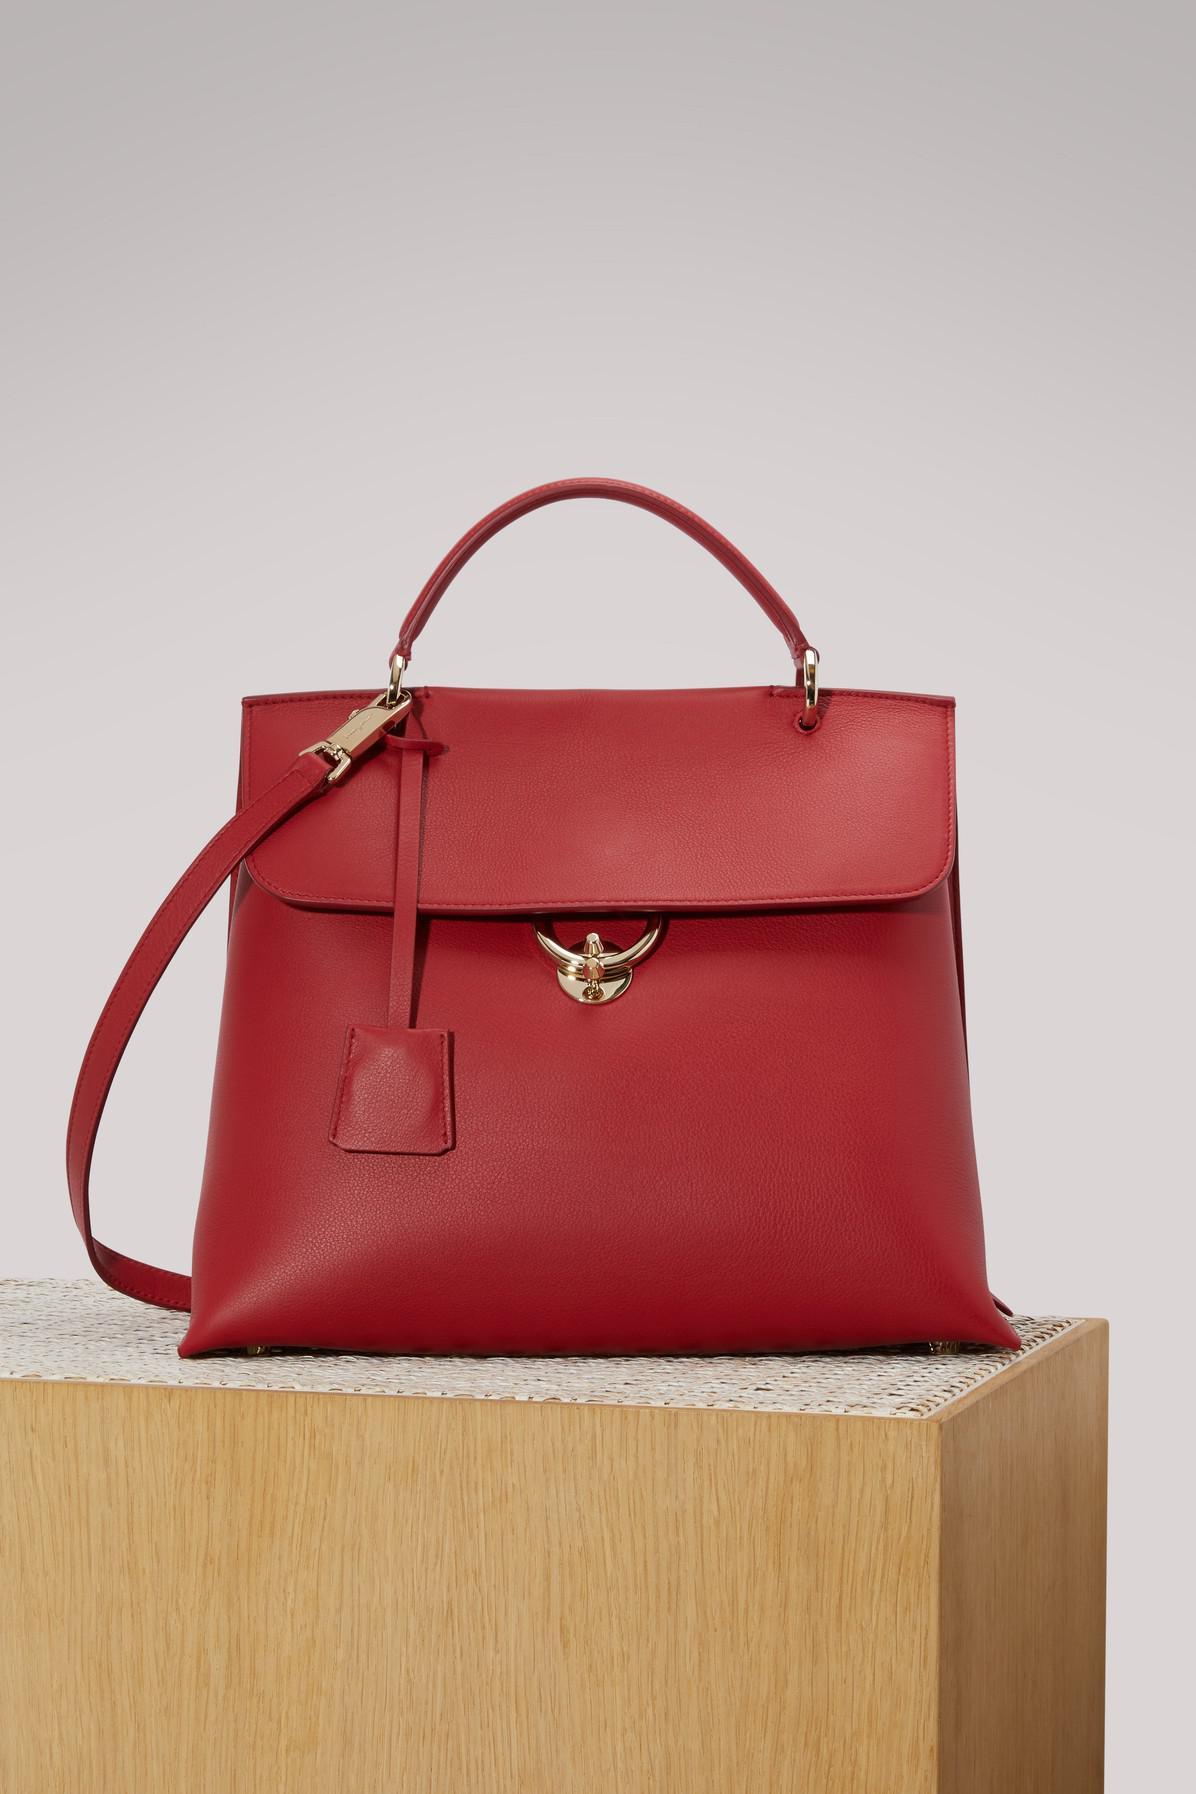 155cf651de Lyst - Ferragamo Jet Set Gm Handbag in Red